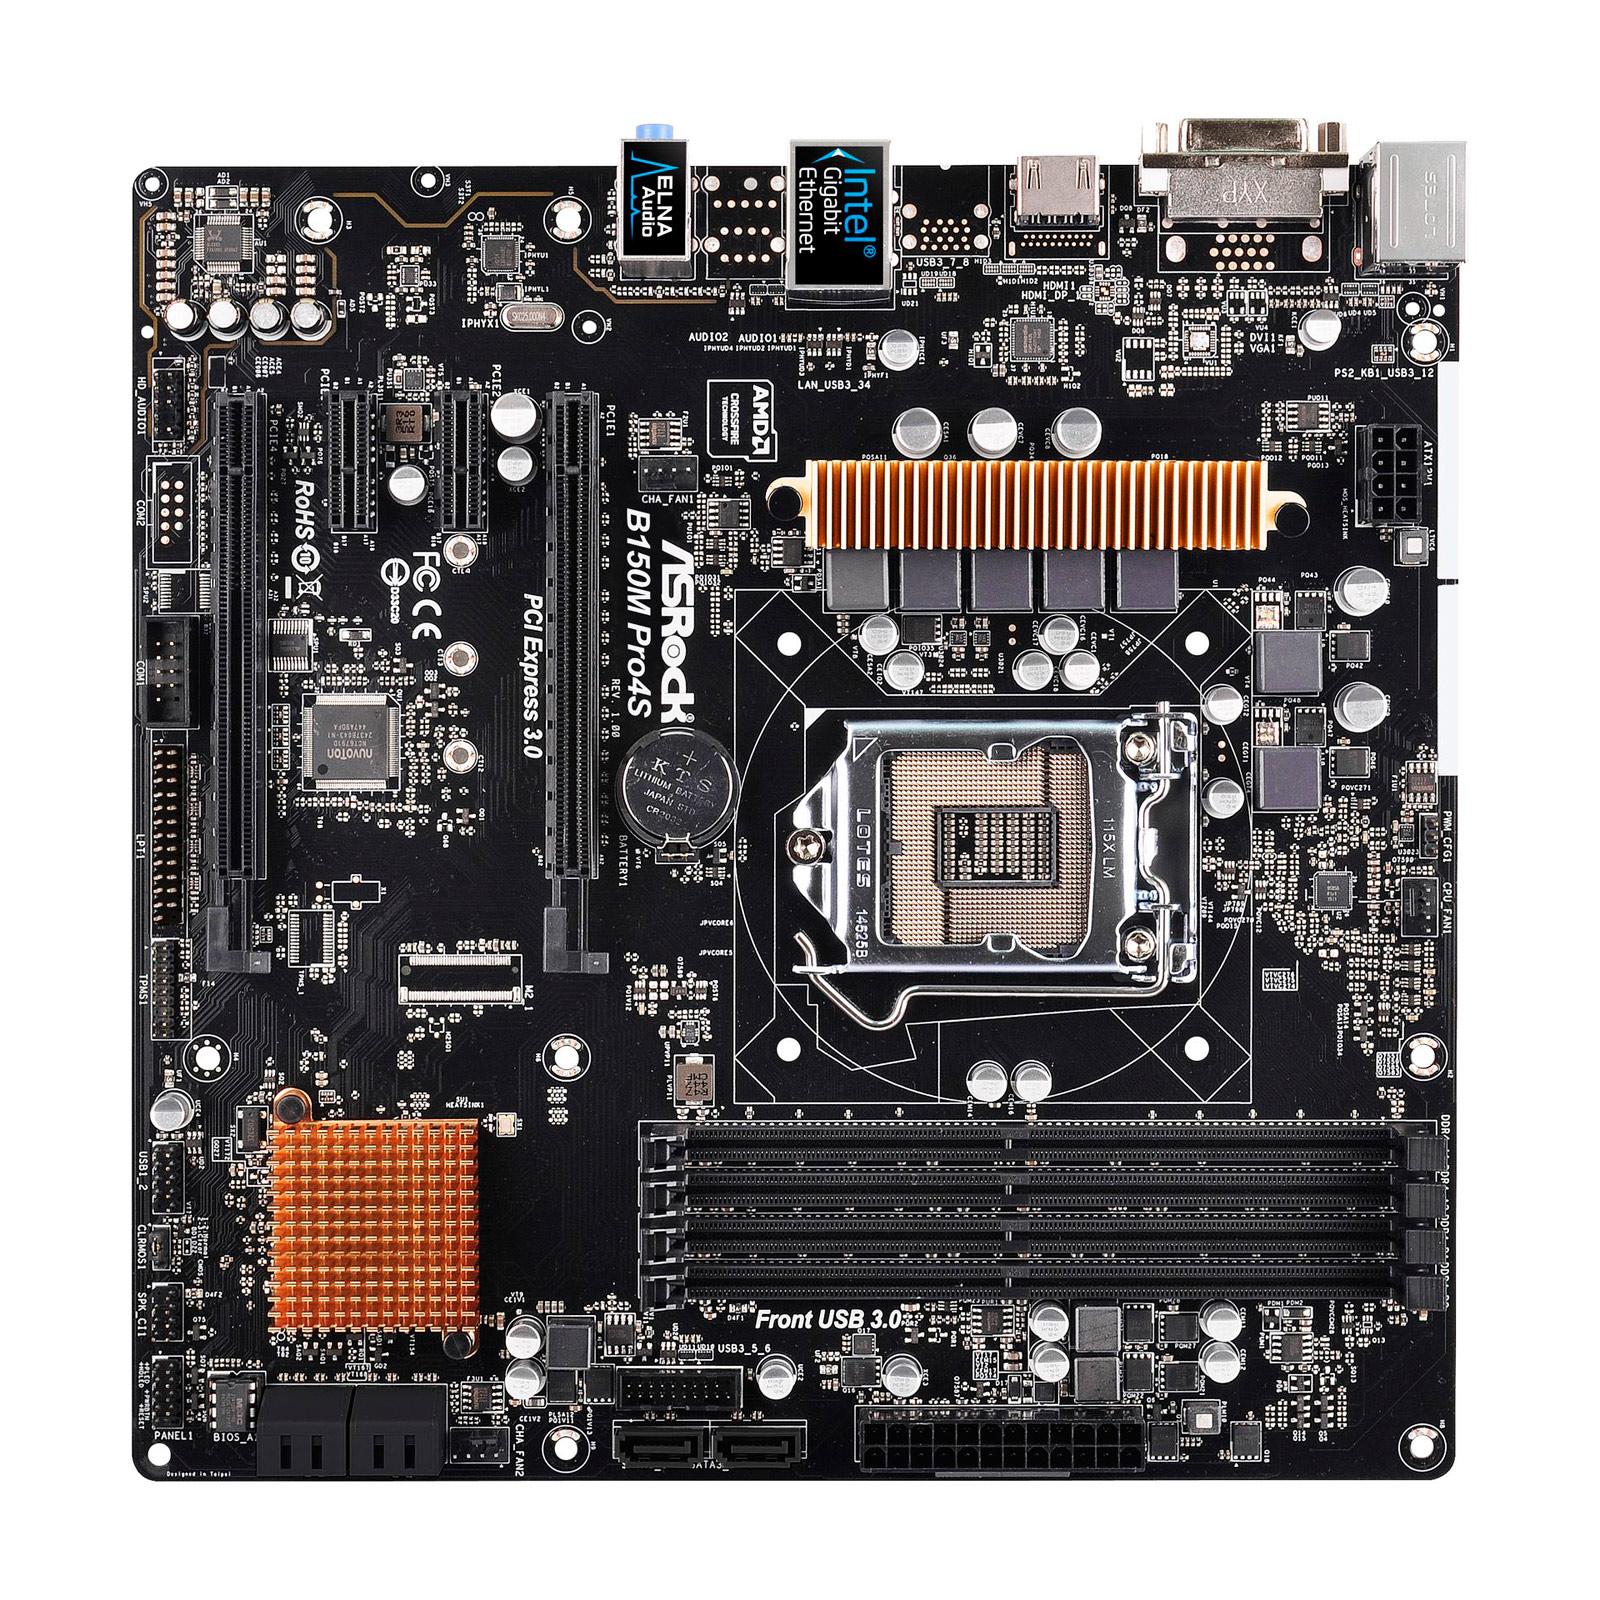 Carte mère ASRock B150M PRO4S Carte mère Micro ATX Socket 1151 Intel B150 Express - SATA 6Gb/s - USB 3.0 - 2x PCI-Express 3.0 16x